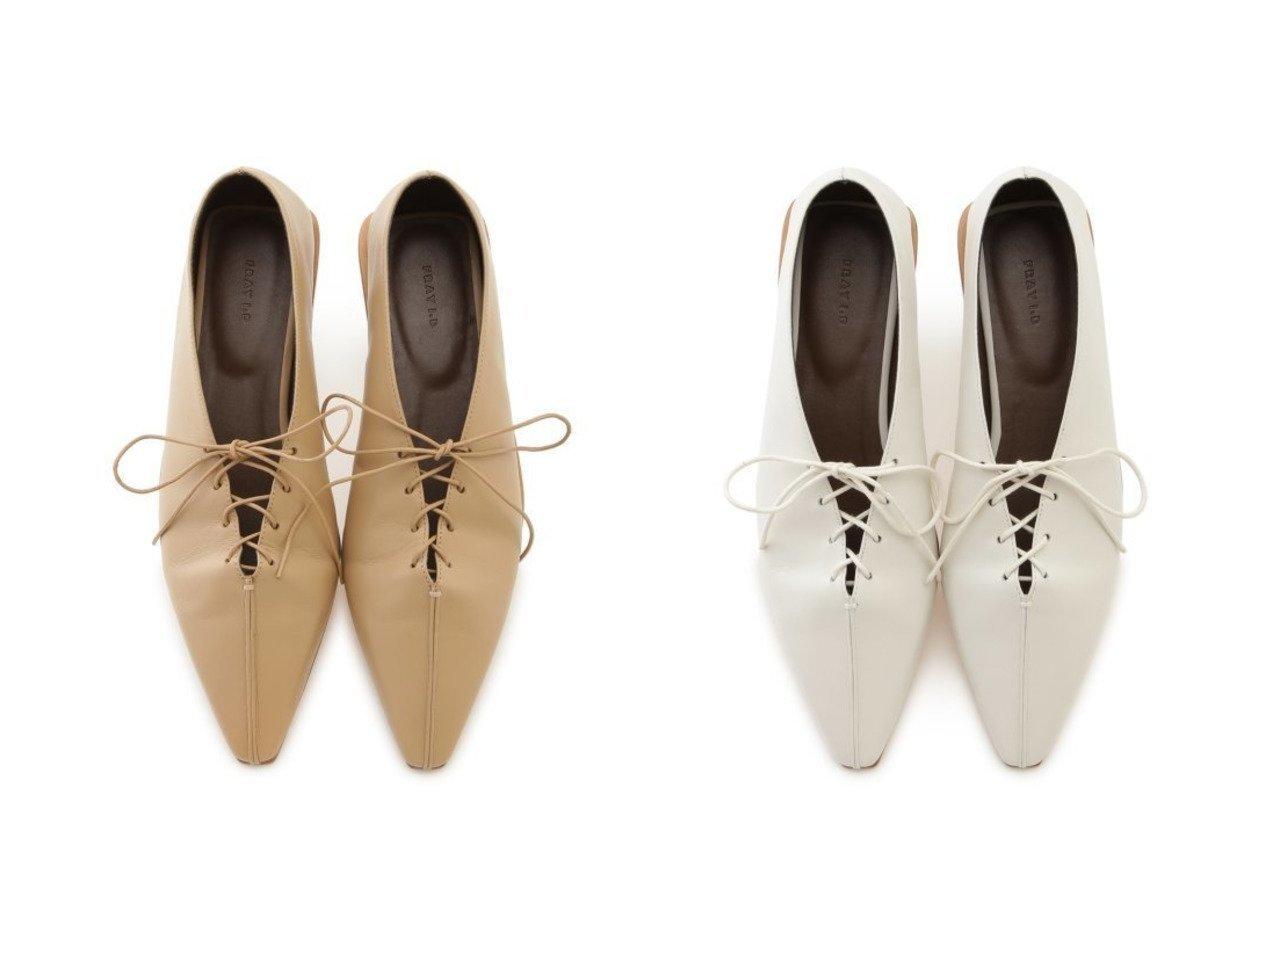 【FRAY I.D/フレイ アイディー】のレースアップフラットシューズ シューズ・靴のおすすめ!人気、レディースファッションの通販 おすすめで人気のファッション通販商品 インテリア・家具・キッズファッション・メンズファッション・レディースファッション・服の通販 founy(ファニー) https://founy.com/ ファッション Fashion レディース WOMEN シューズ スマート スリム バランス フラット ボトム レース  ID:crp329100000001568